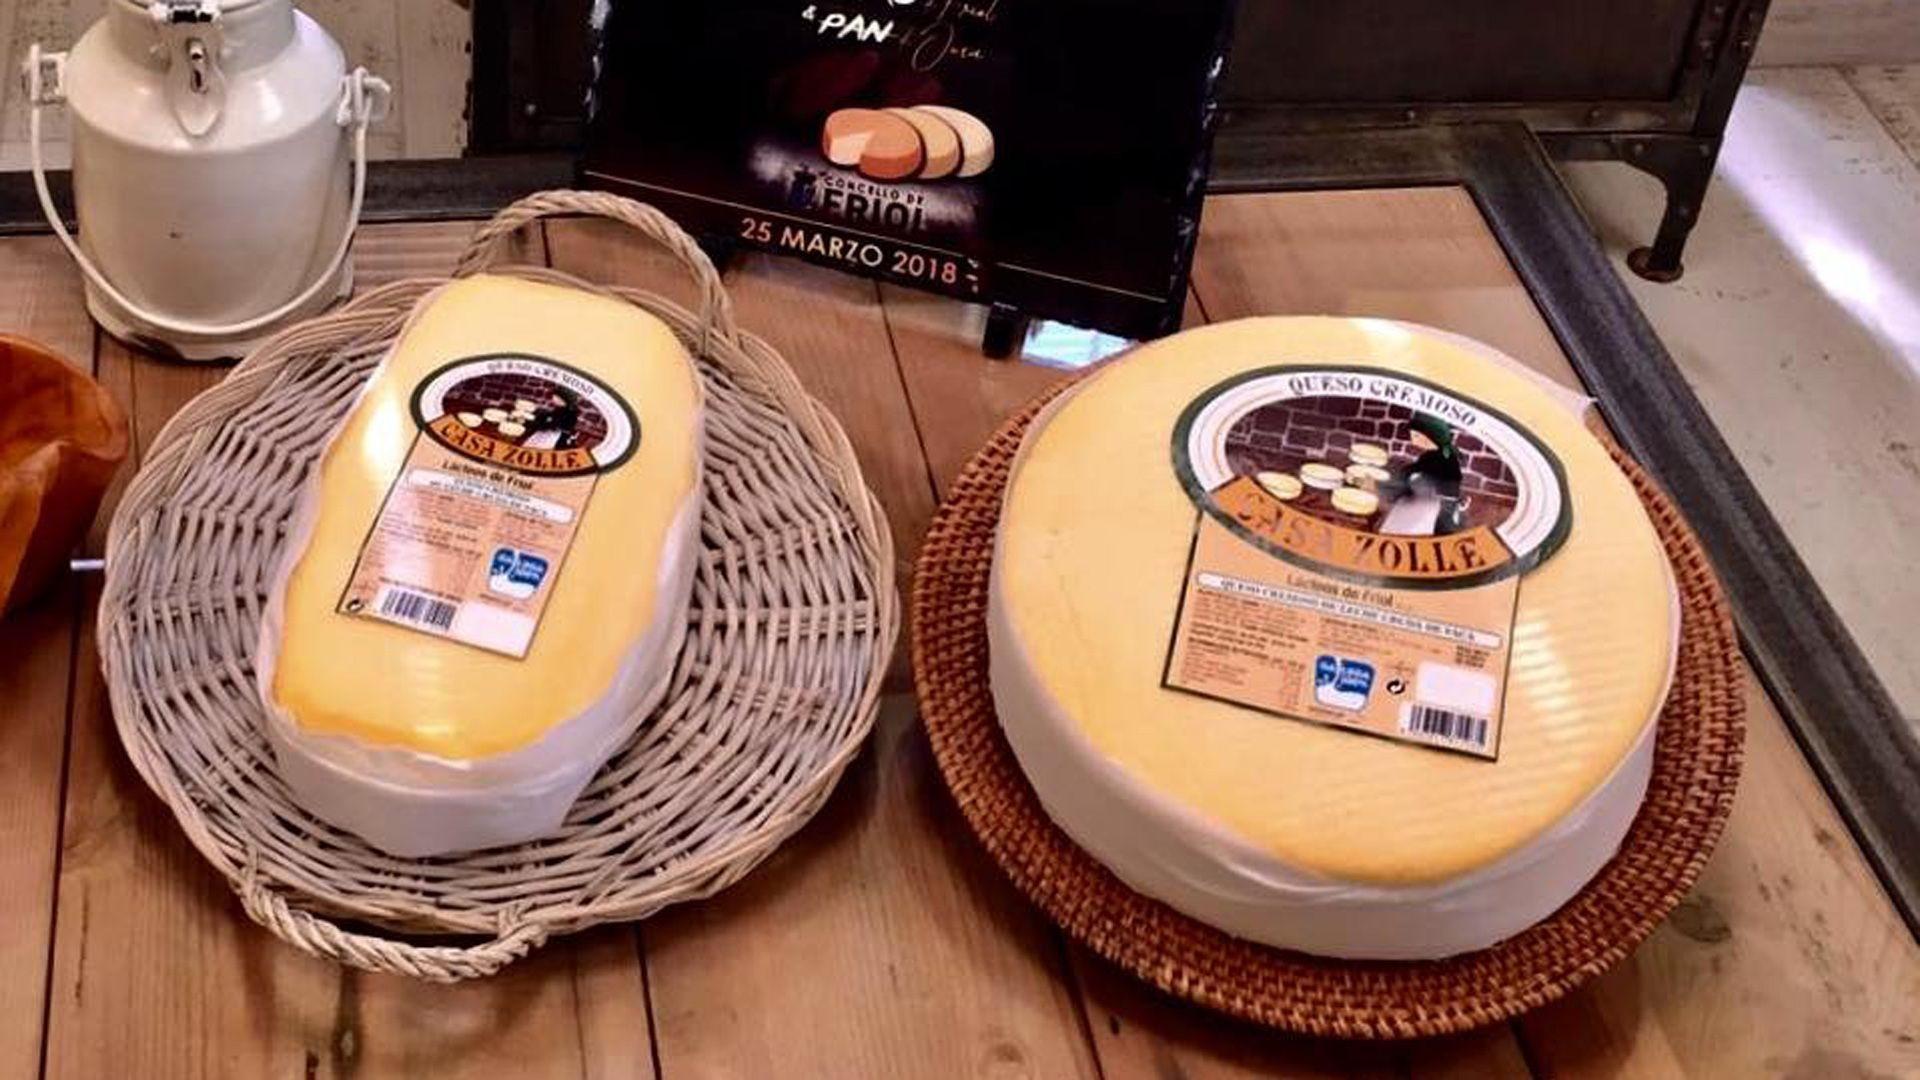 Venta de quesos en Lugo